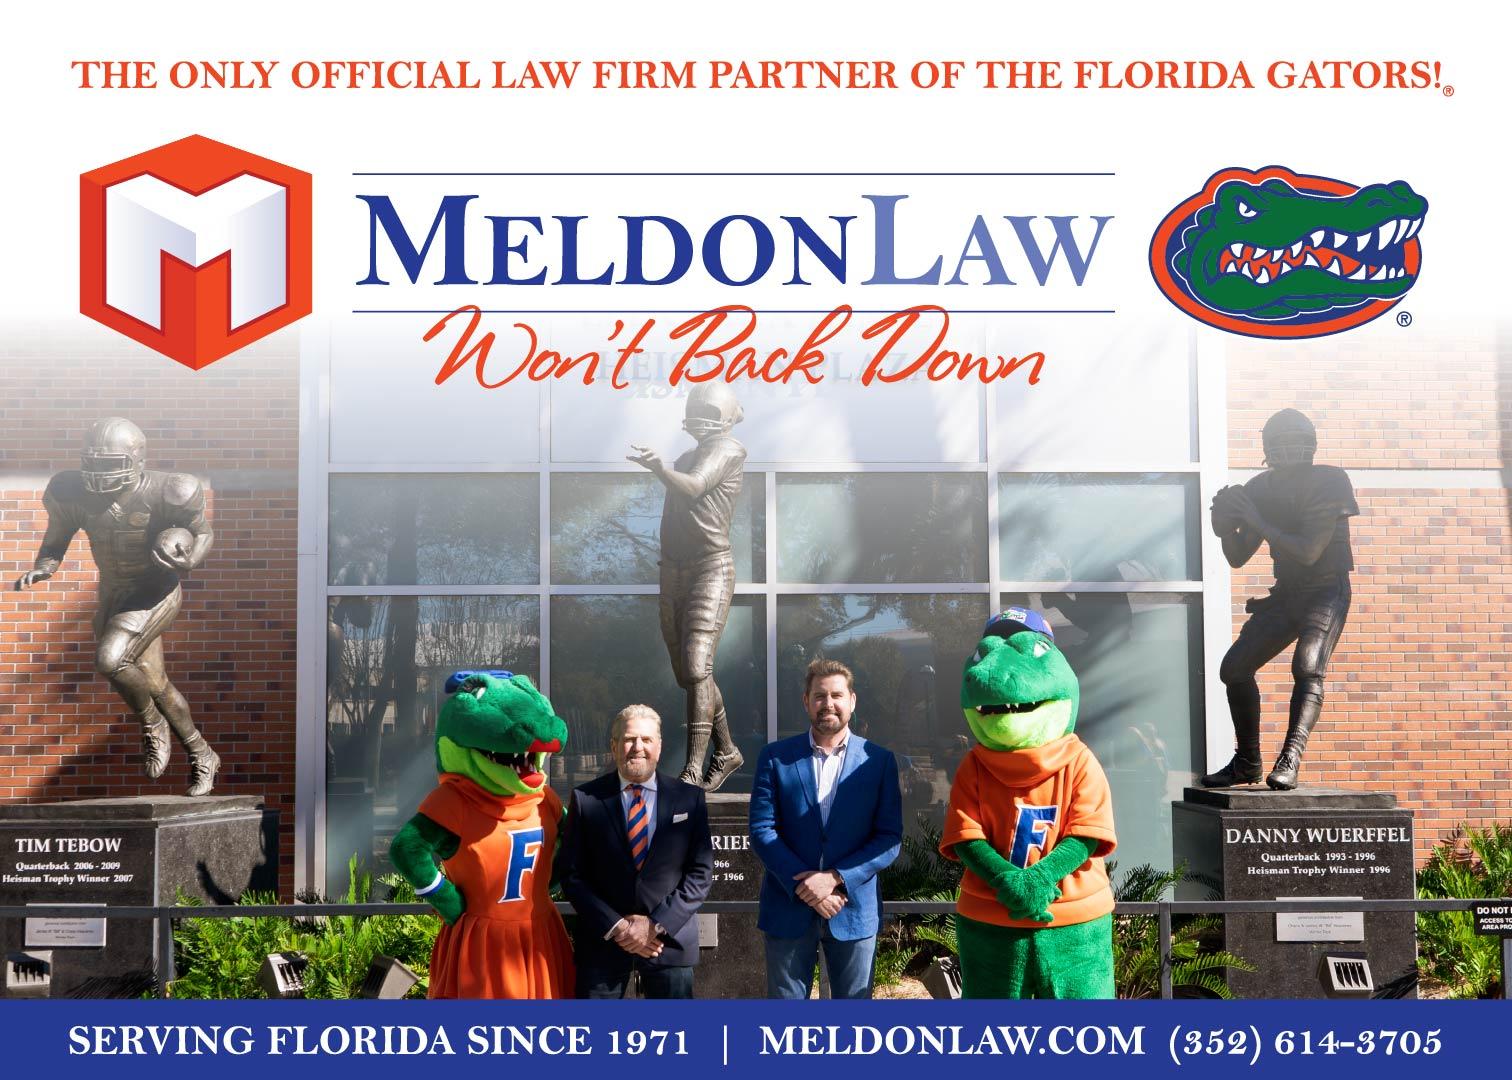 Meldon Law